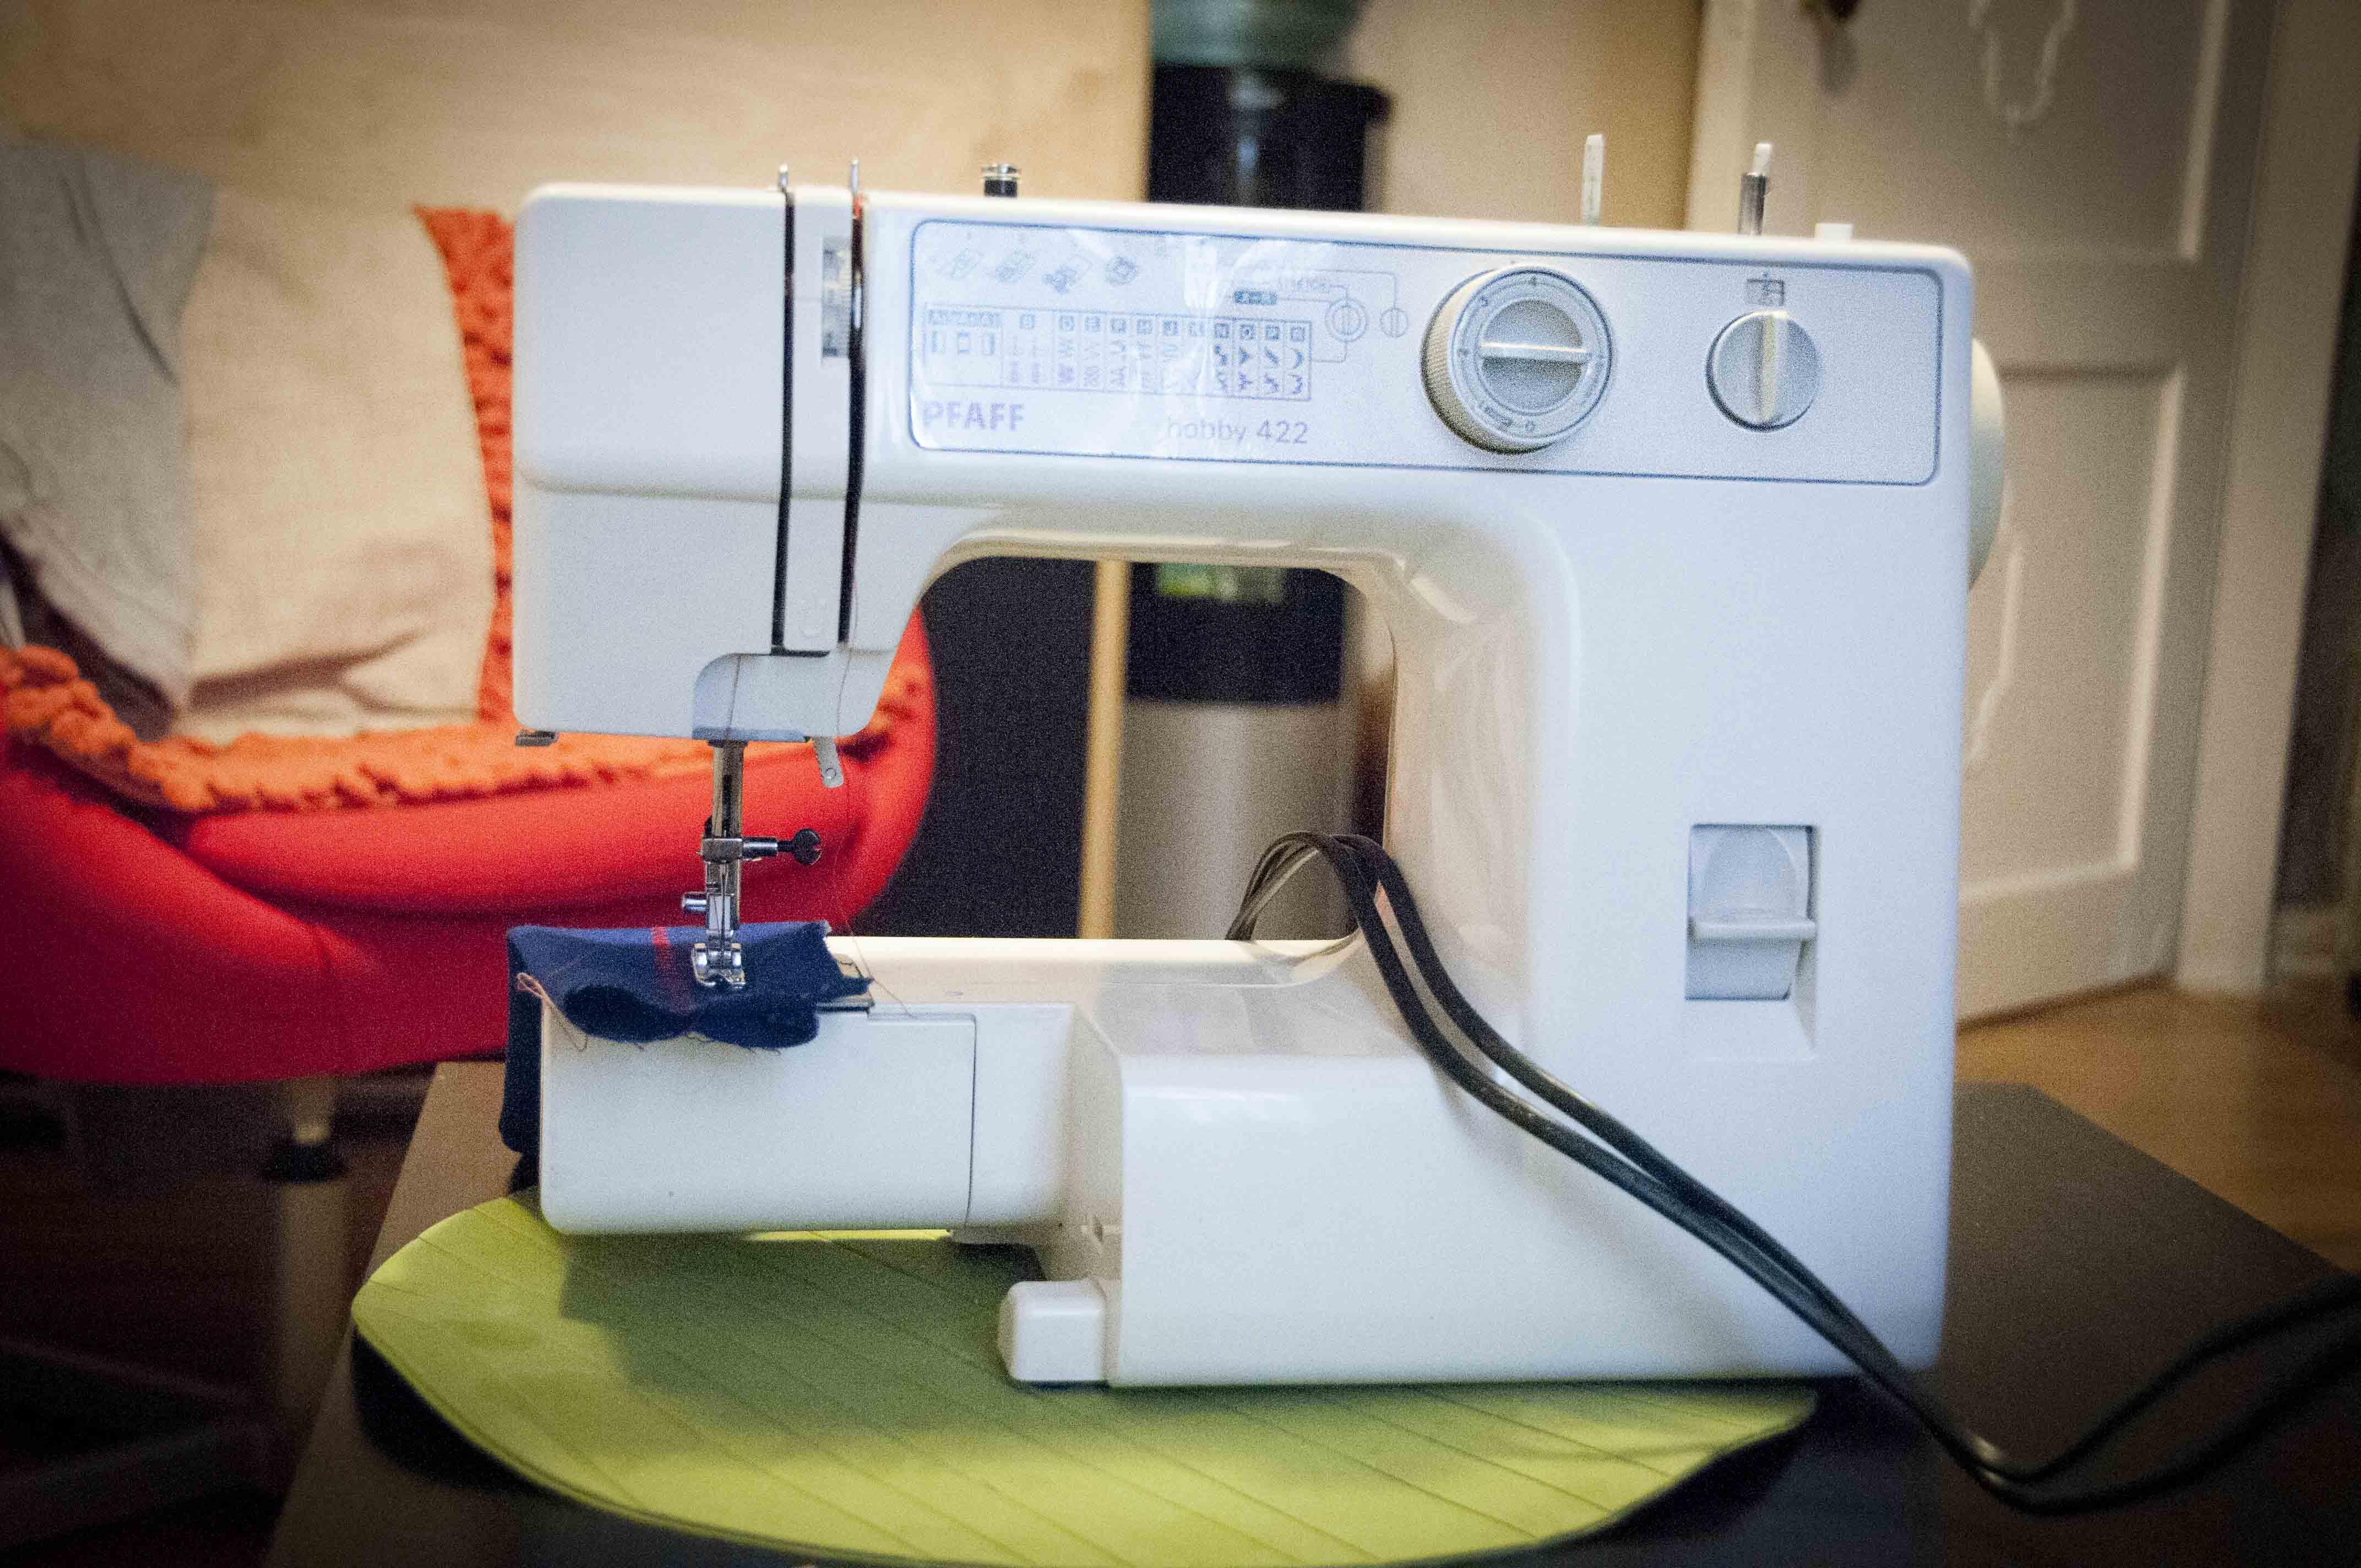 Регулировка швейной машинки джаноме своими руками 4